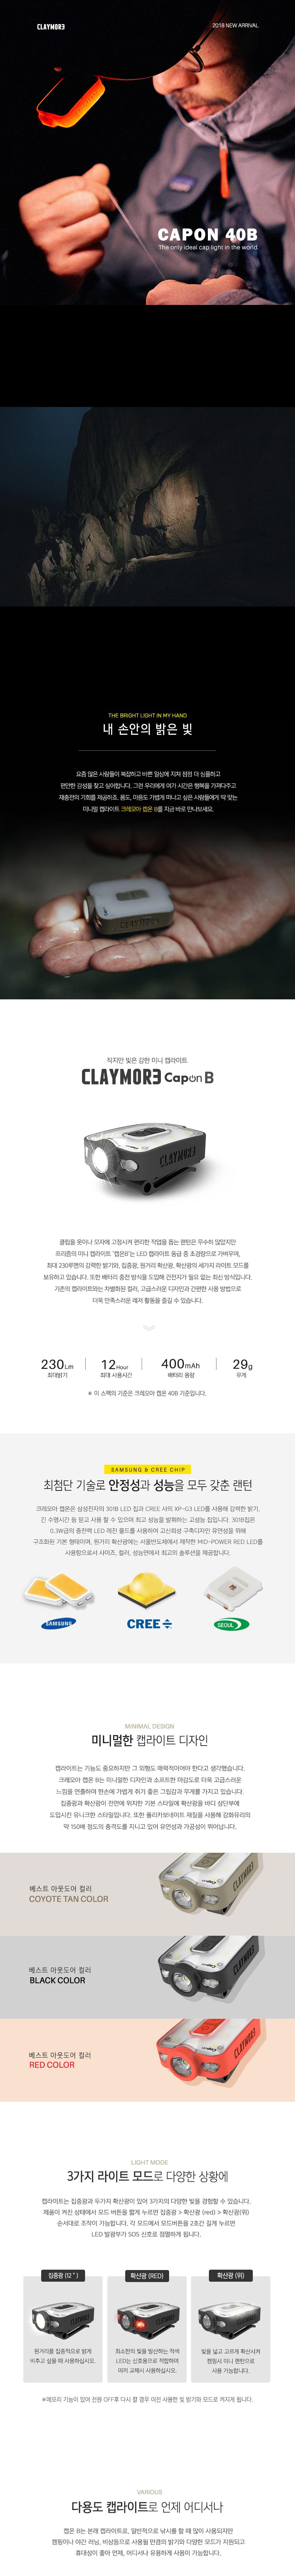 프리즘 크레모아 캡온 40B 충전식 LED 캡라이트 프리즘 크레모아 캡온 40B 충전식 LED 캡라이트